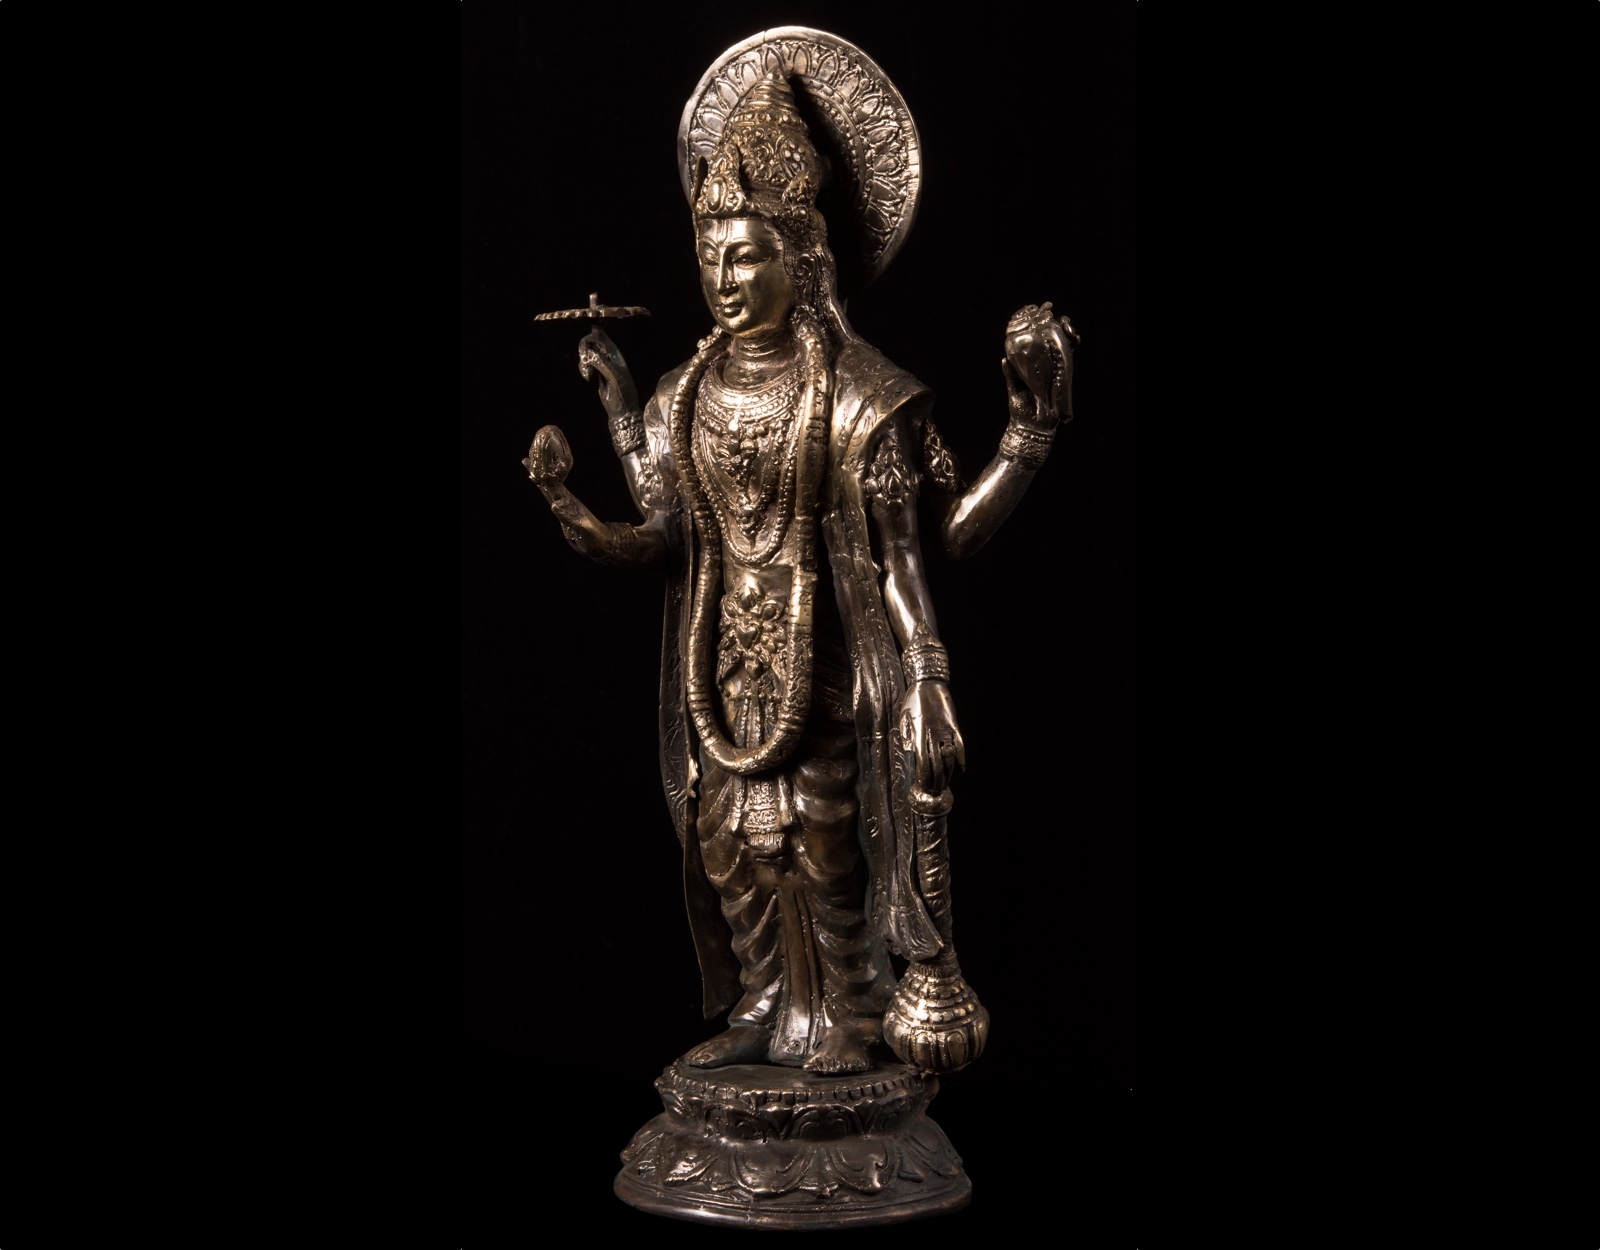 Бронзовая статуэтка Вишну, 33 см. фото VipKeris